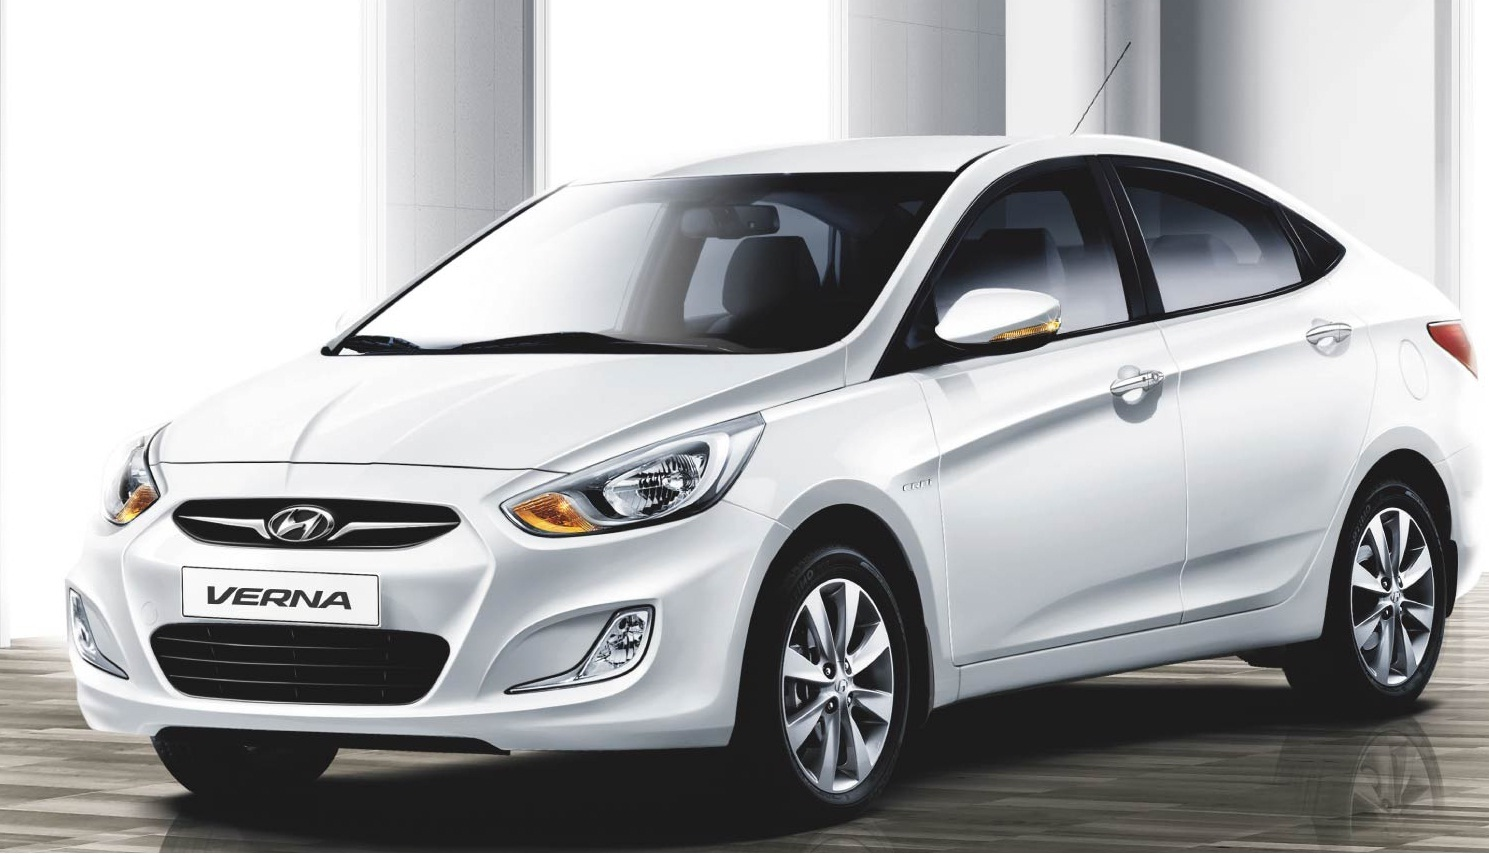 Hyundai Price In Pakistan >> Fluidic Verna is Hyundai's answer to Honda's City - PakWheels Blog